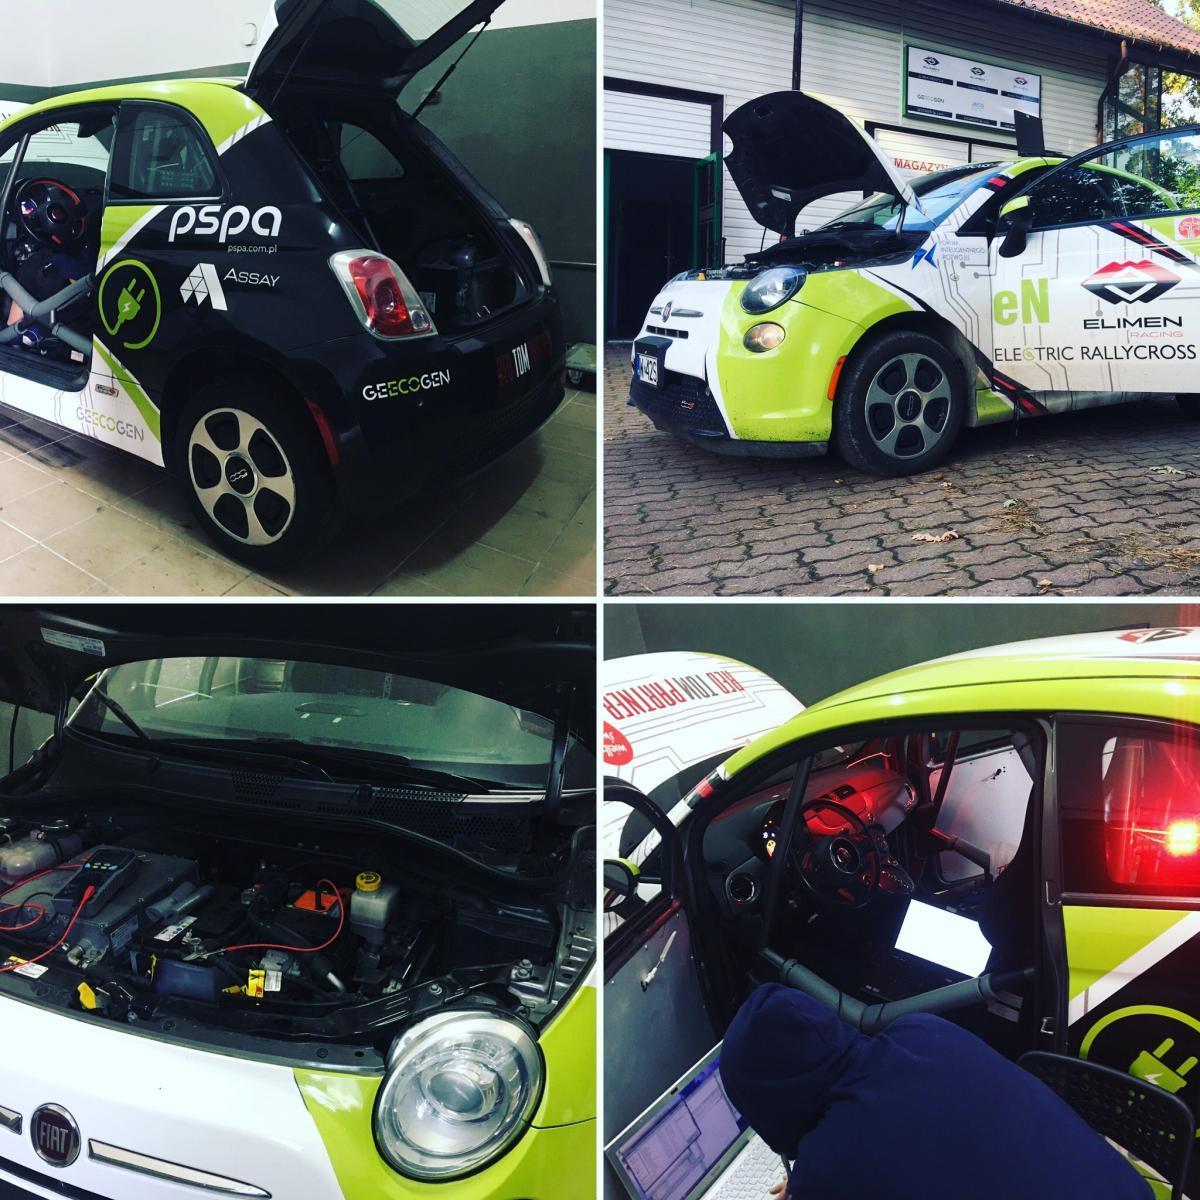 Fiat 500e RallyCross